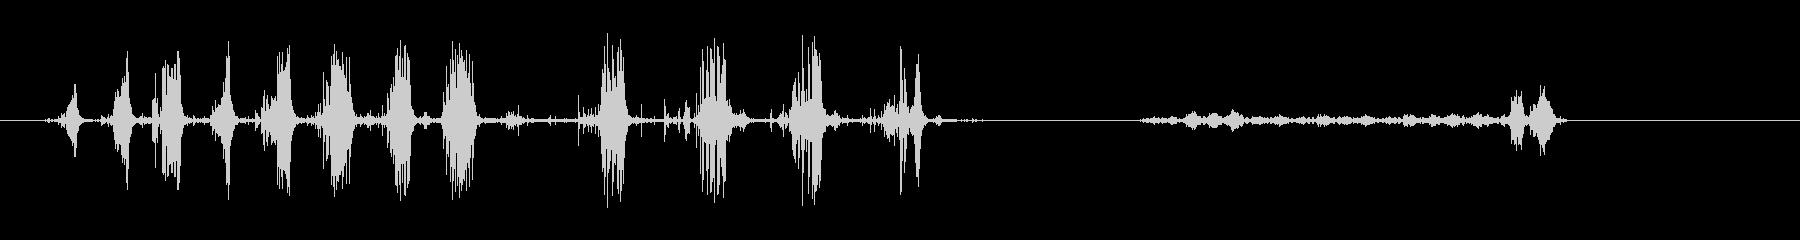 タマネギのカット-パンのカット-キッチンの未再生の波形